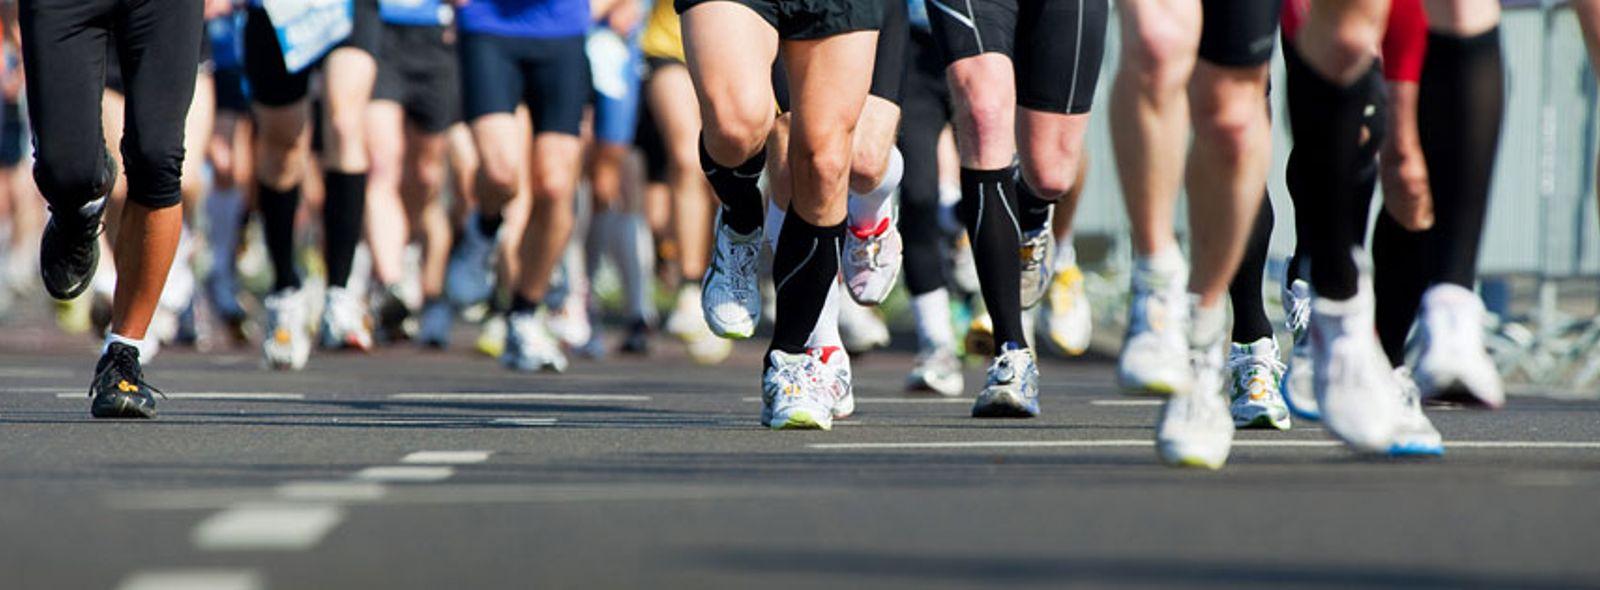 Come ci si prepara per una maratona